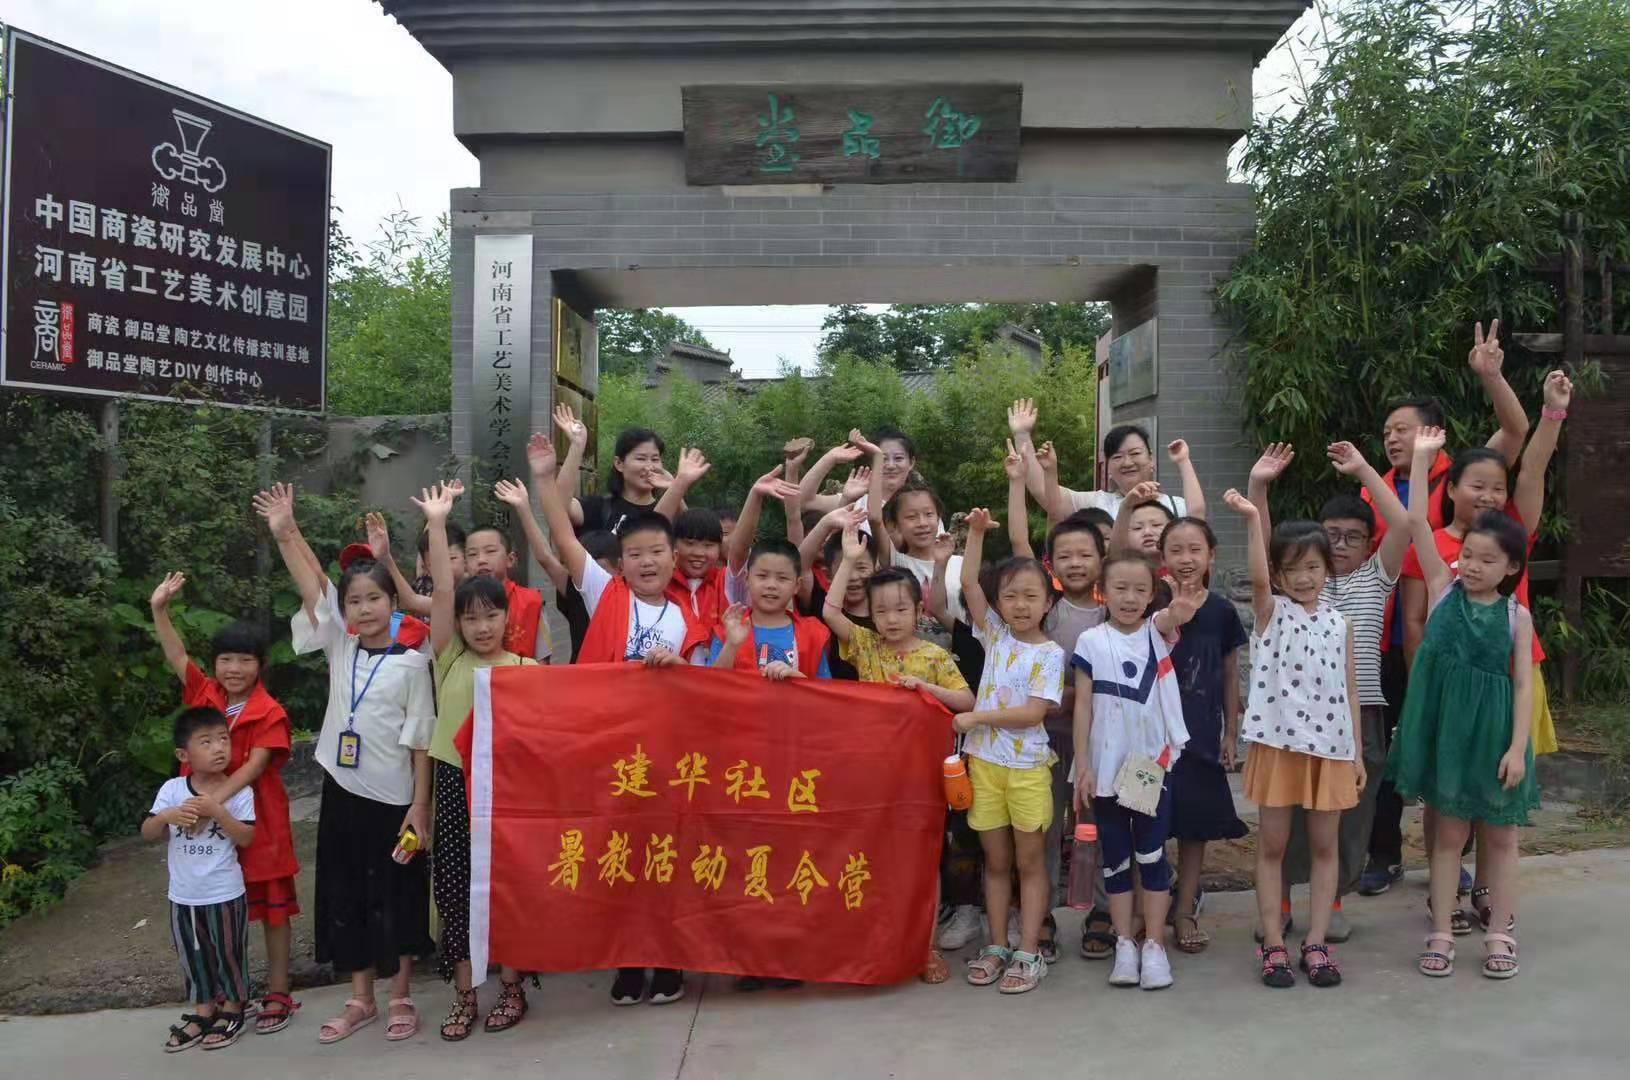 365bet网站谁有_365bet怎么转换中文_365bet注册网站市二七区建华社区开展青少年暑期陶艺体验运动